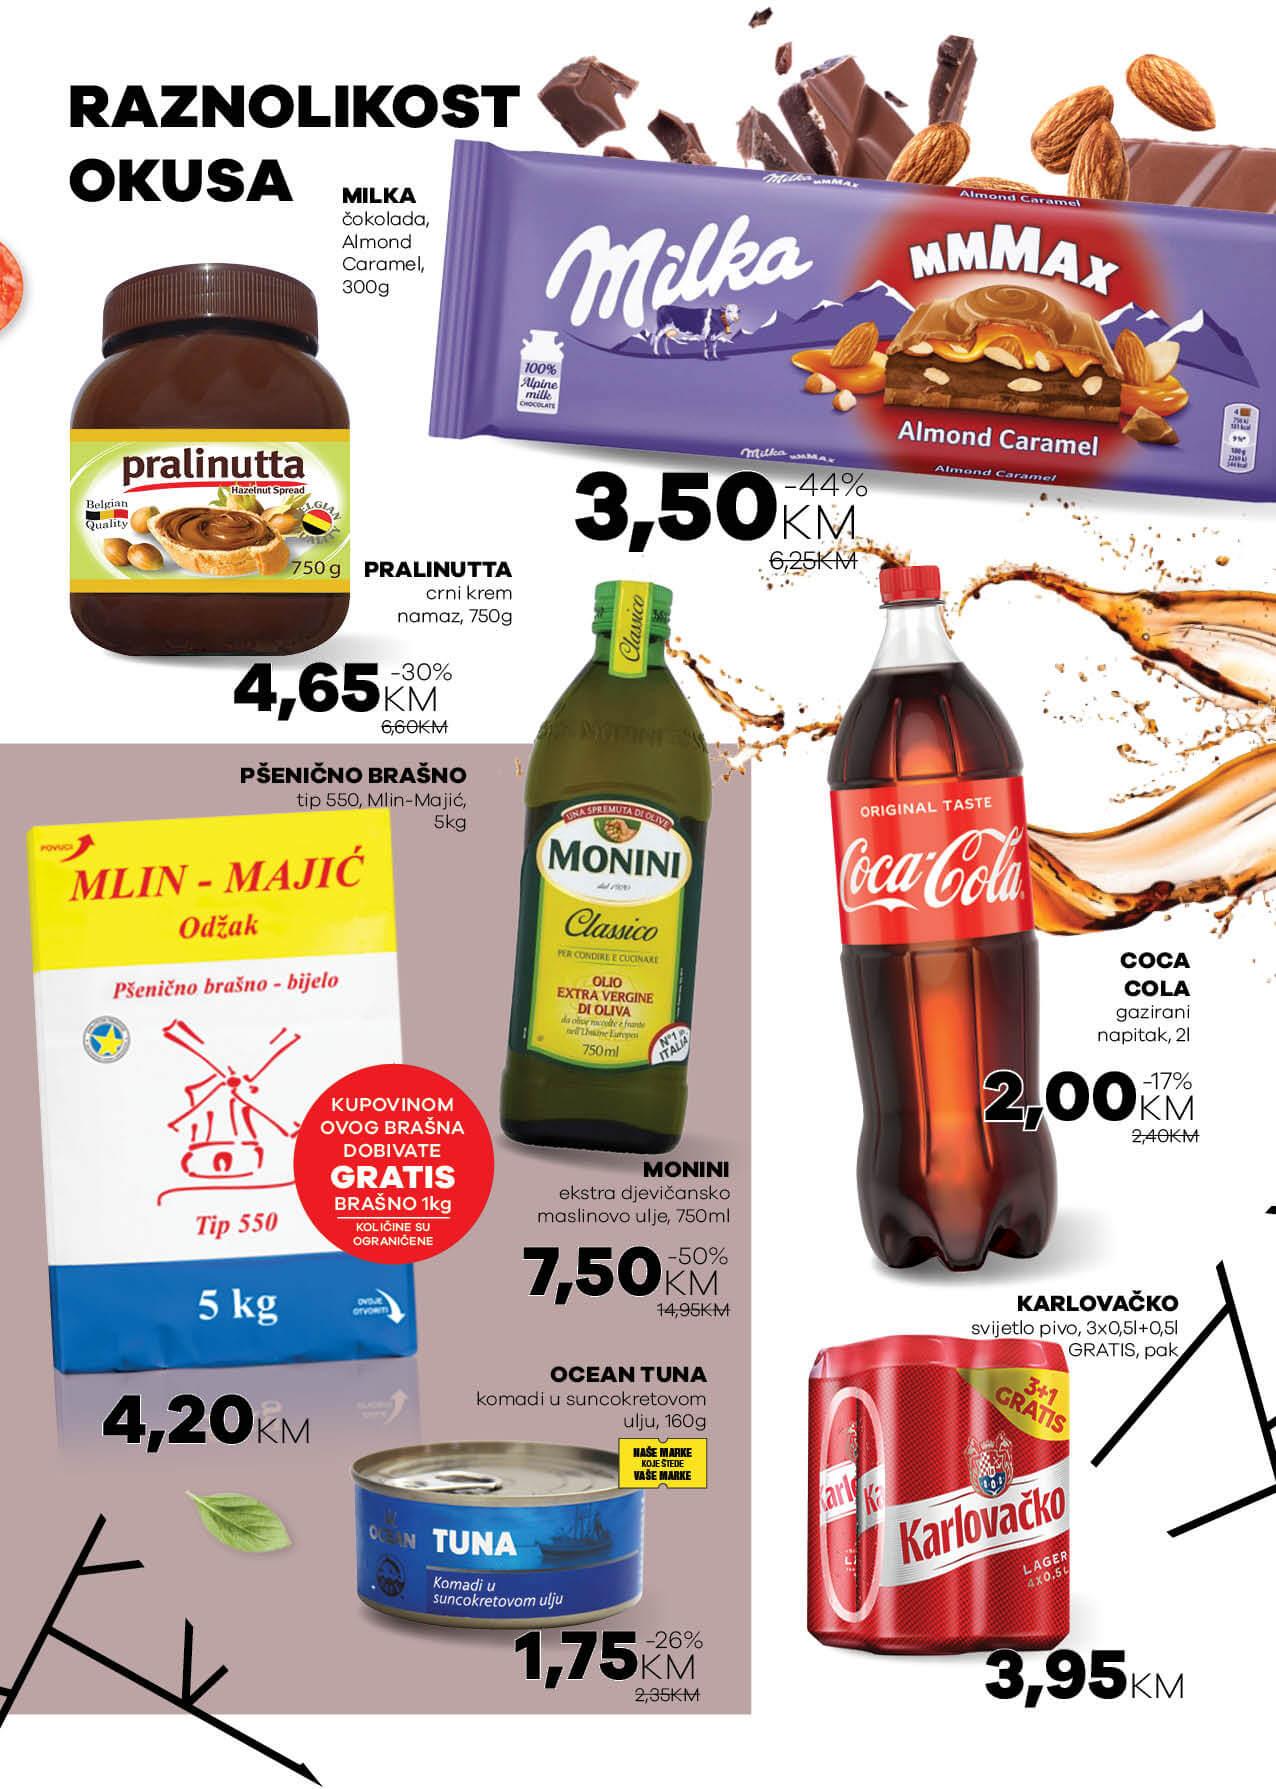 Konzum TRON katalog JUN 2021 01.06. 13.06. eKatalozi.com PR Page 5